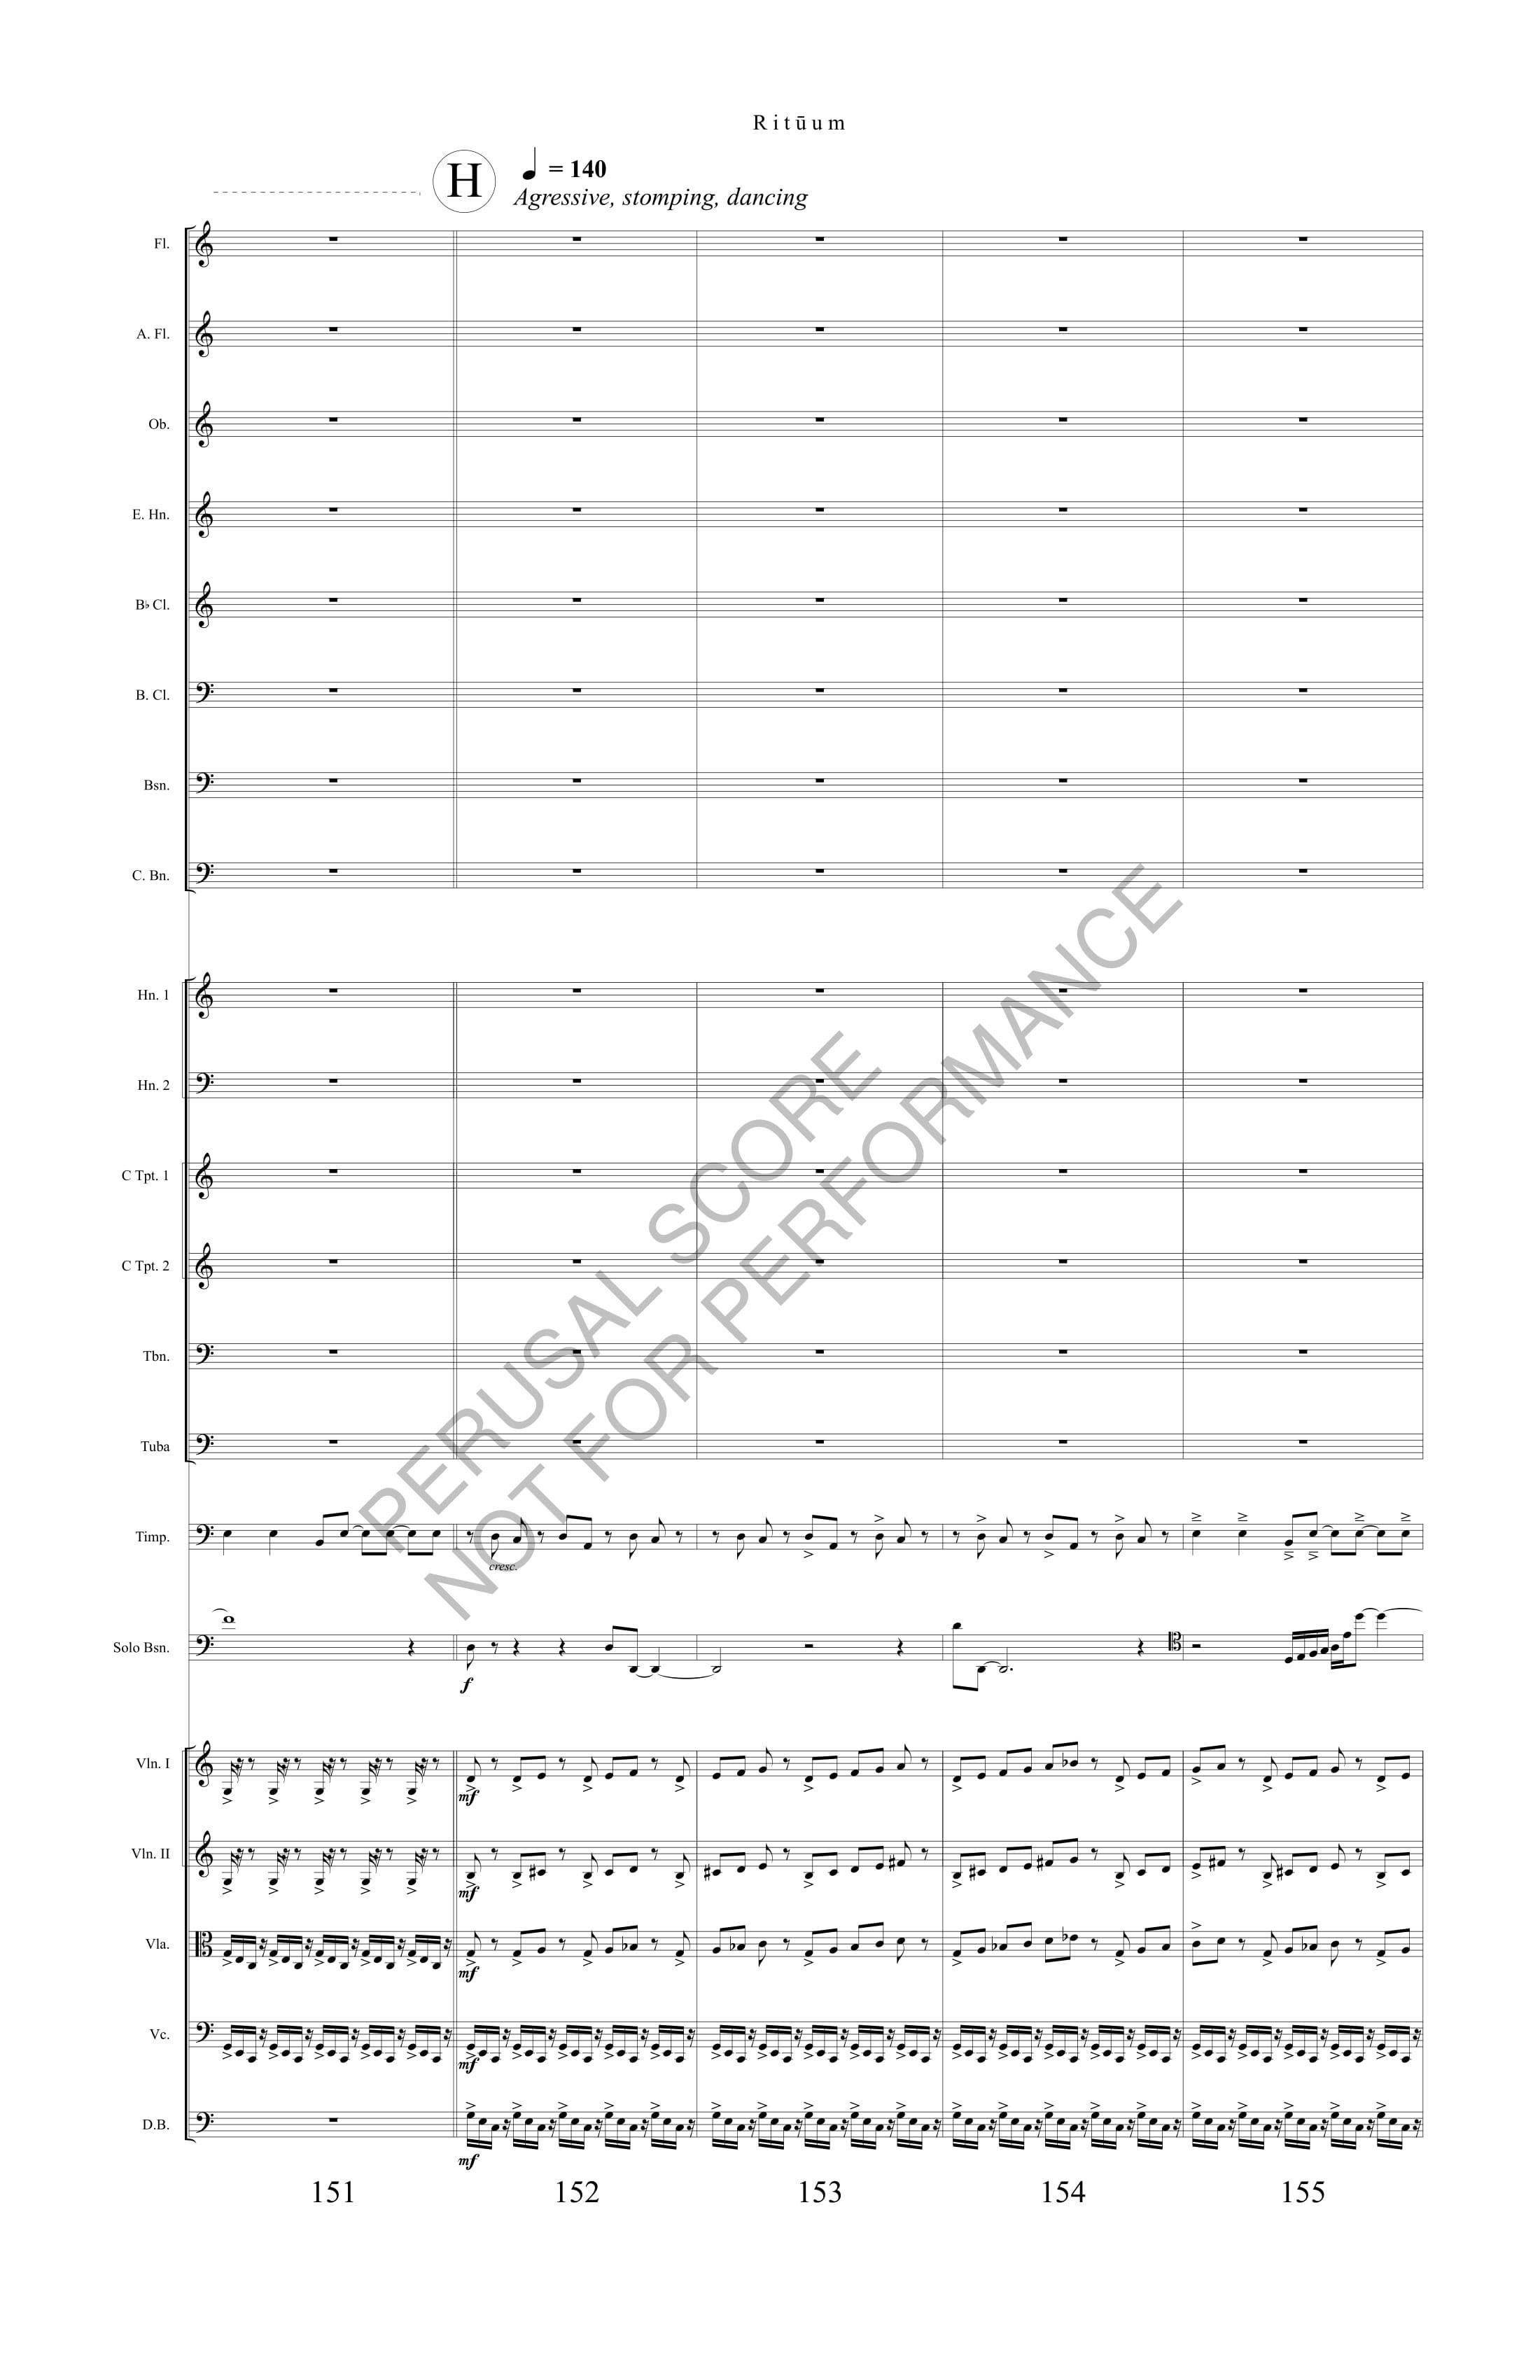 Boyd Rituum Score-watermark (1)-37.jpg